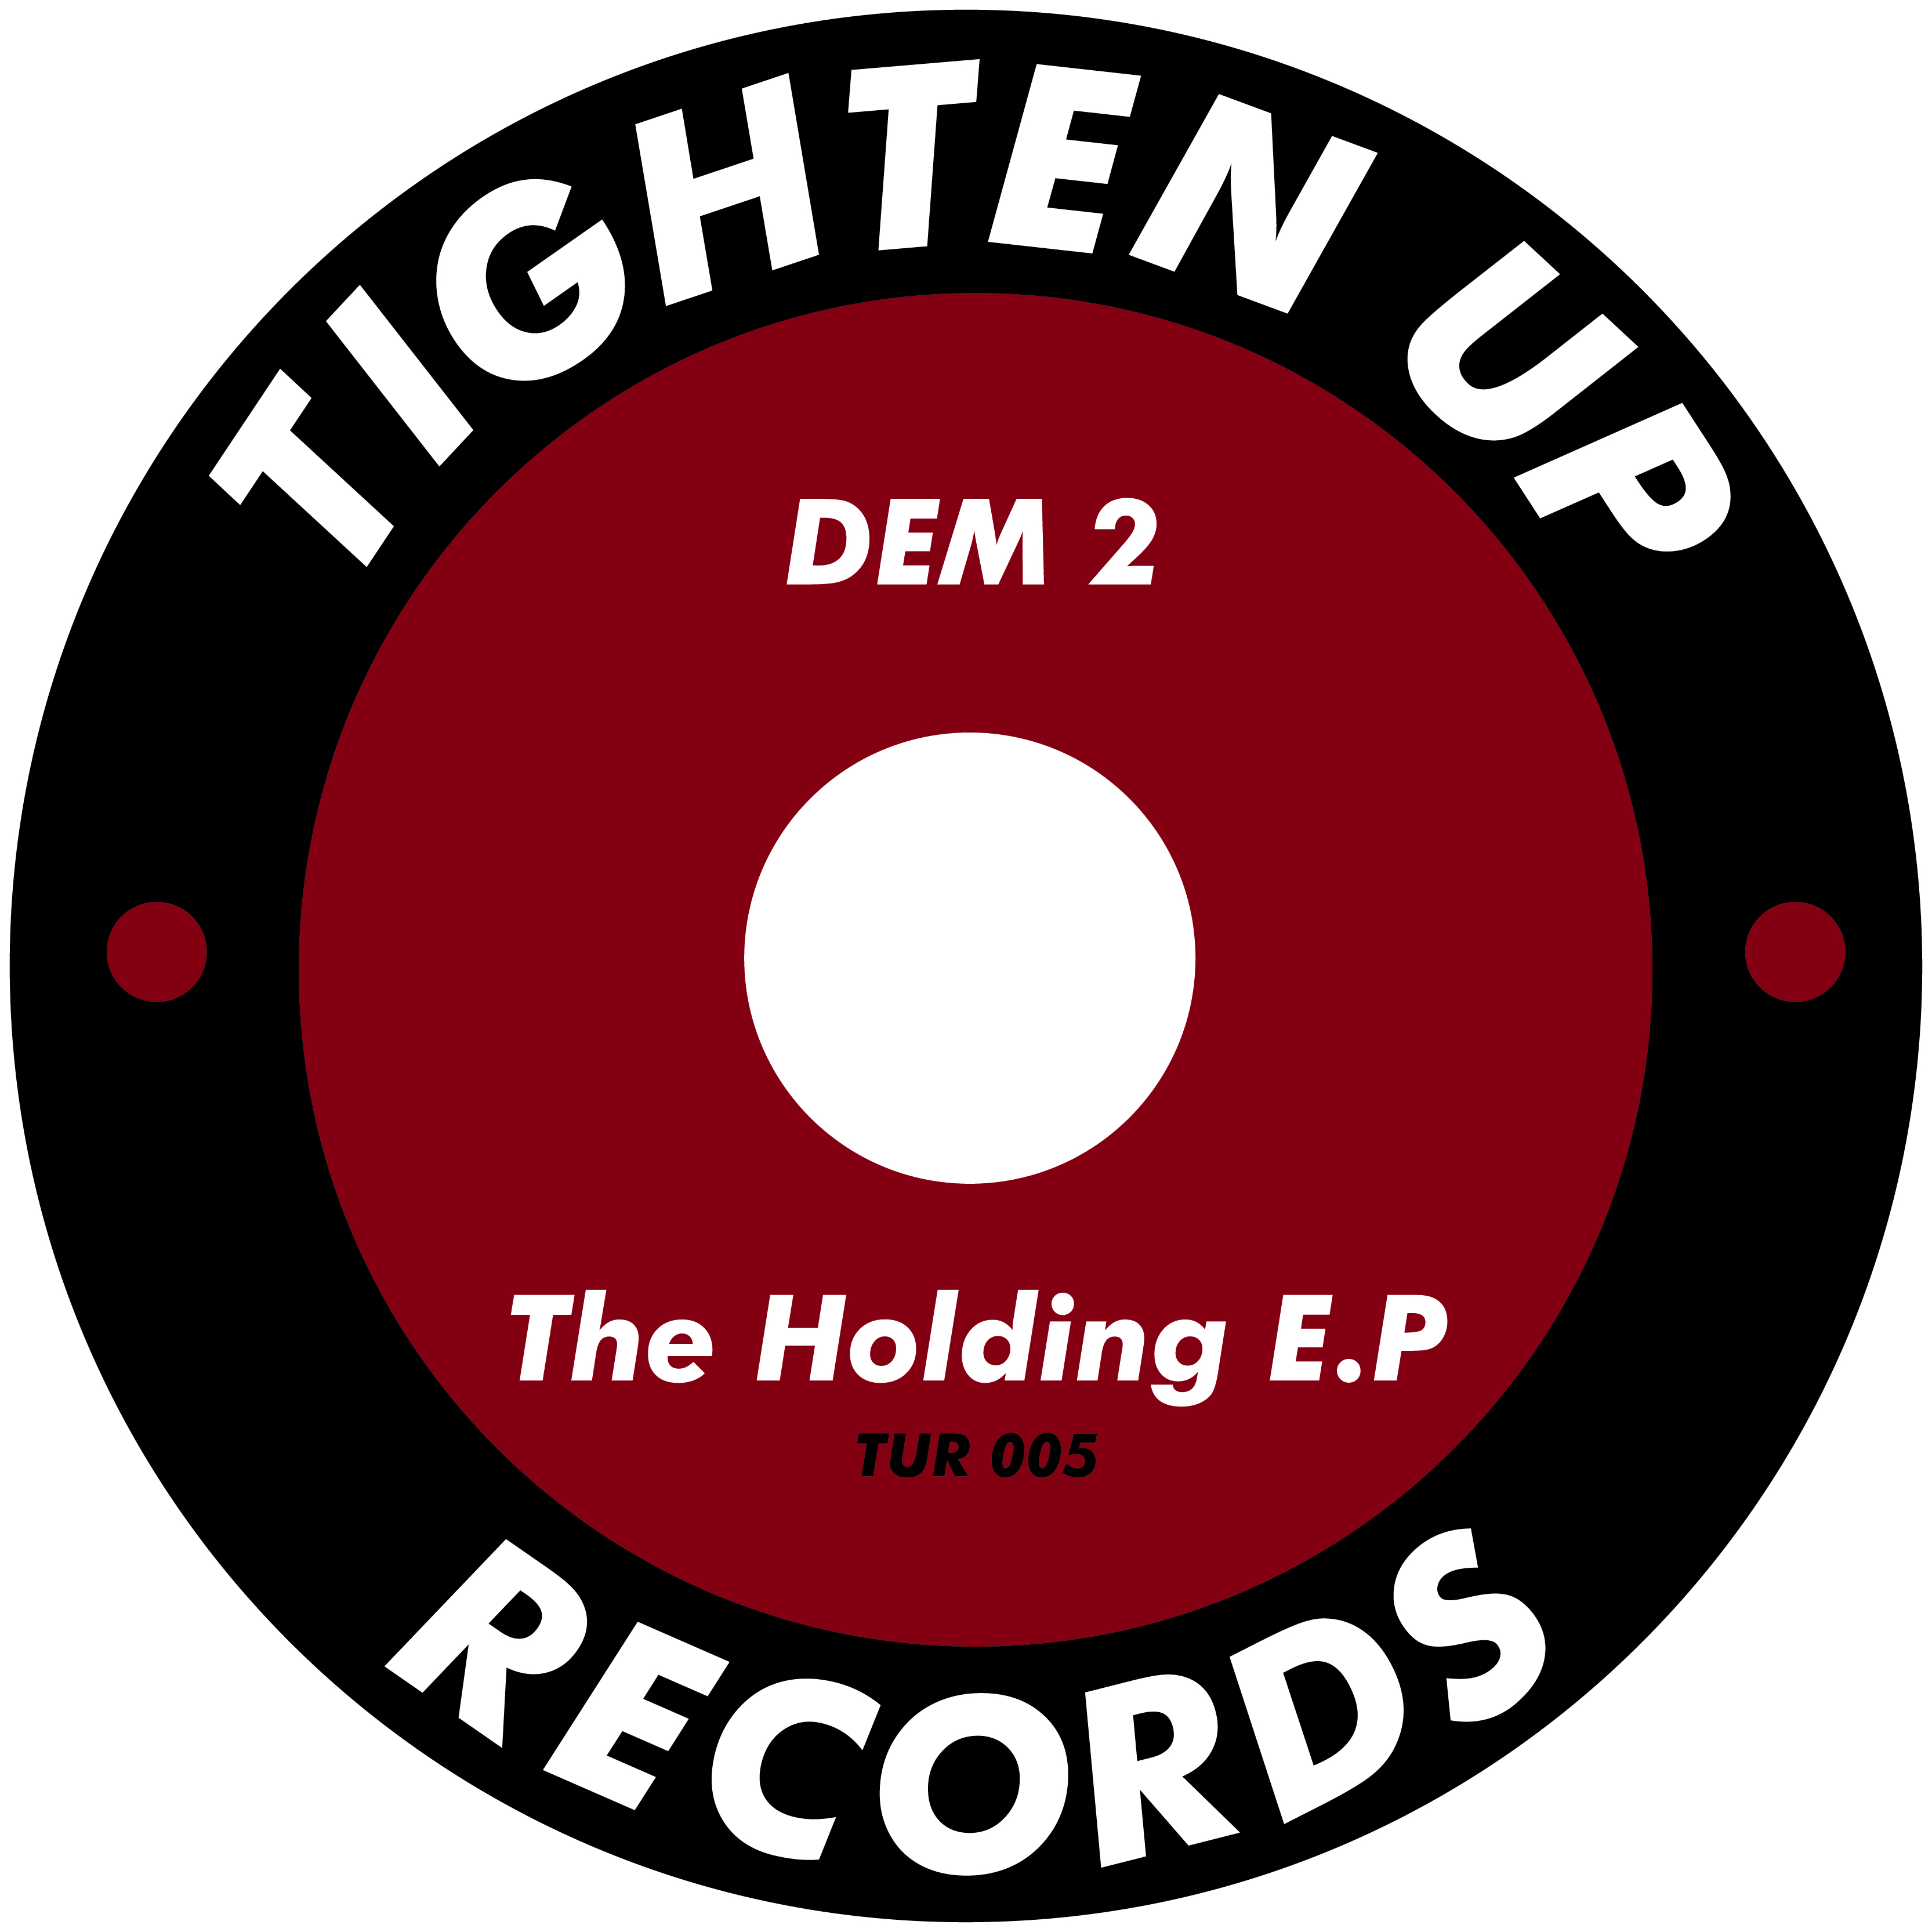 Bass house dubstep A1 bassline Tighten Up Records